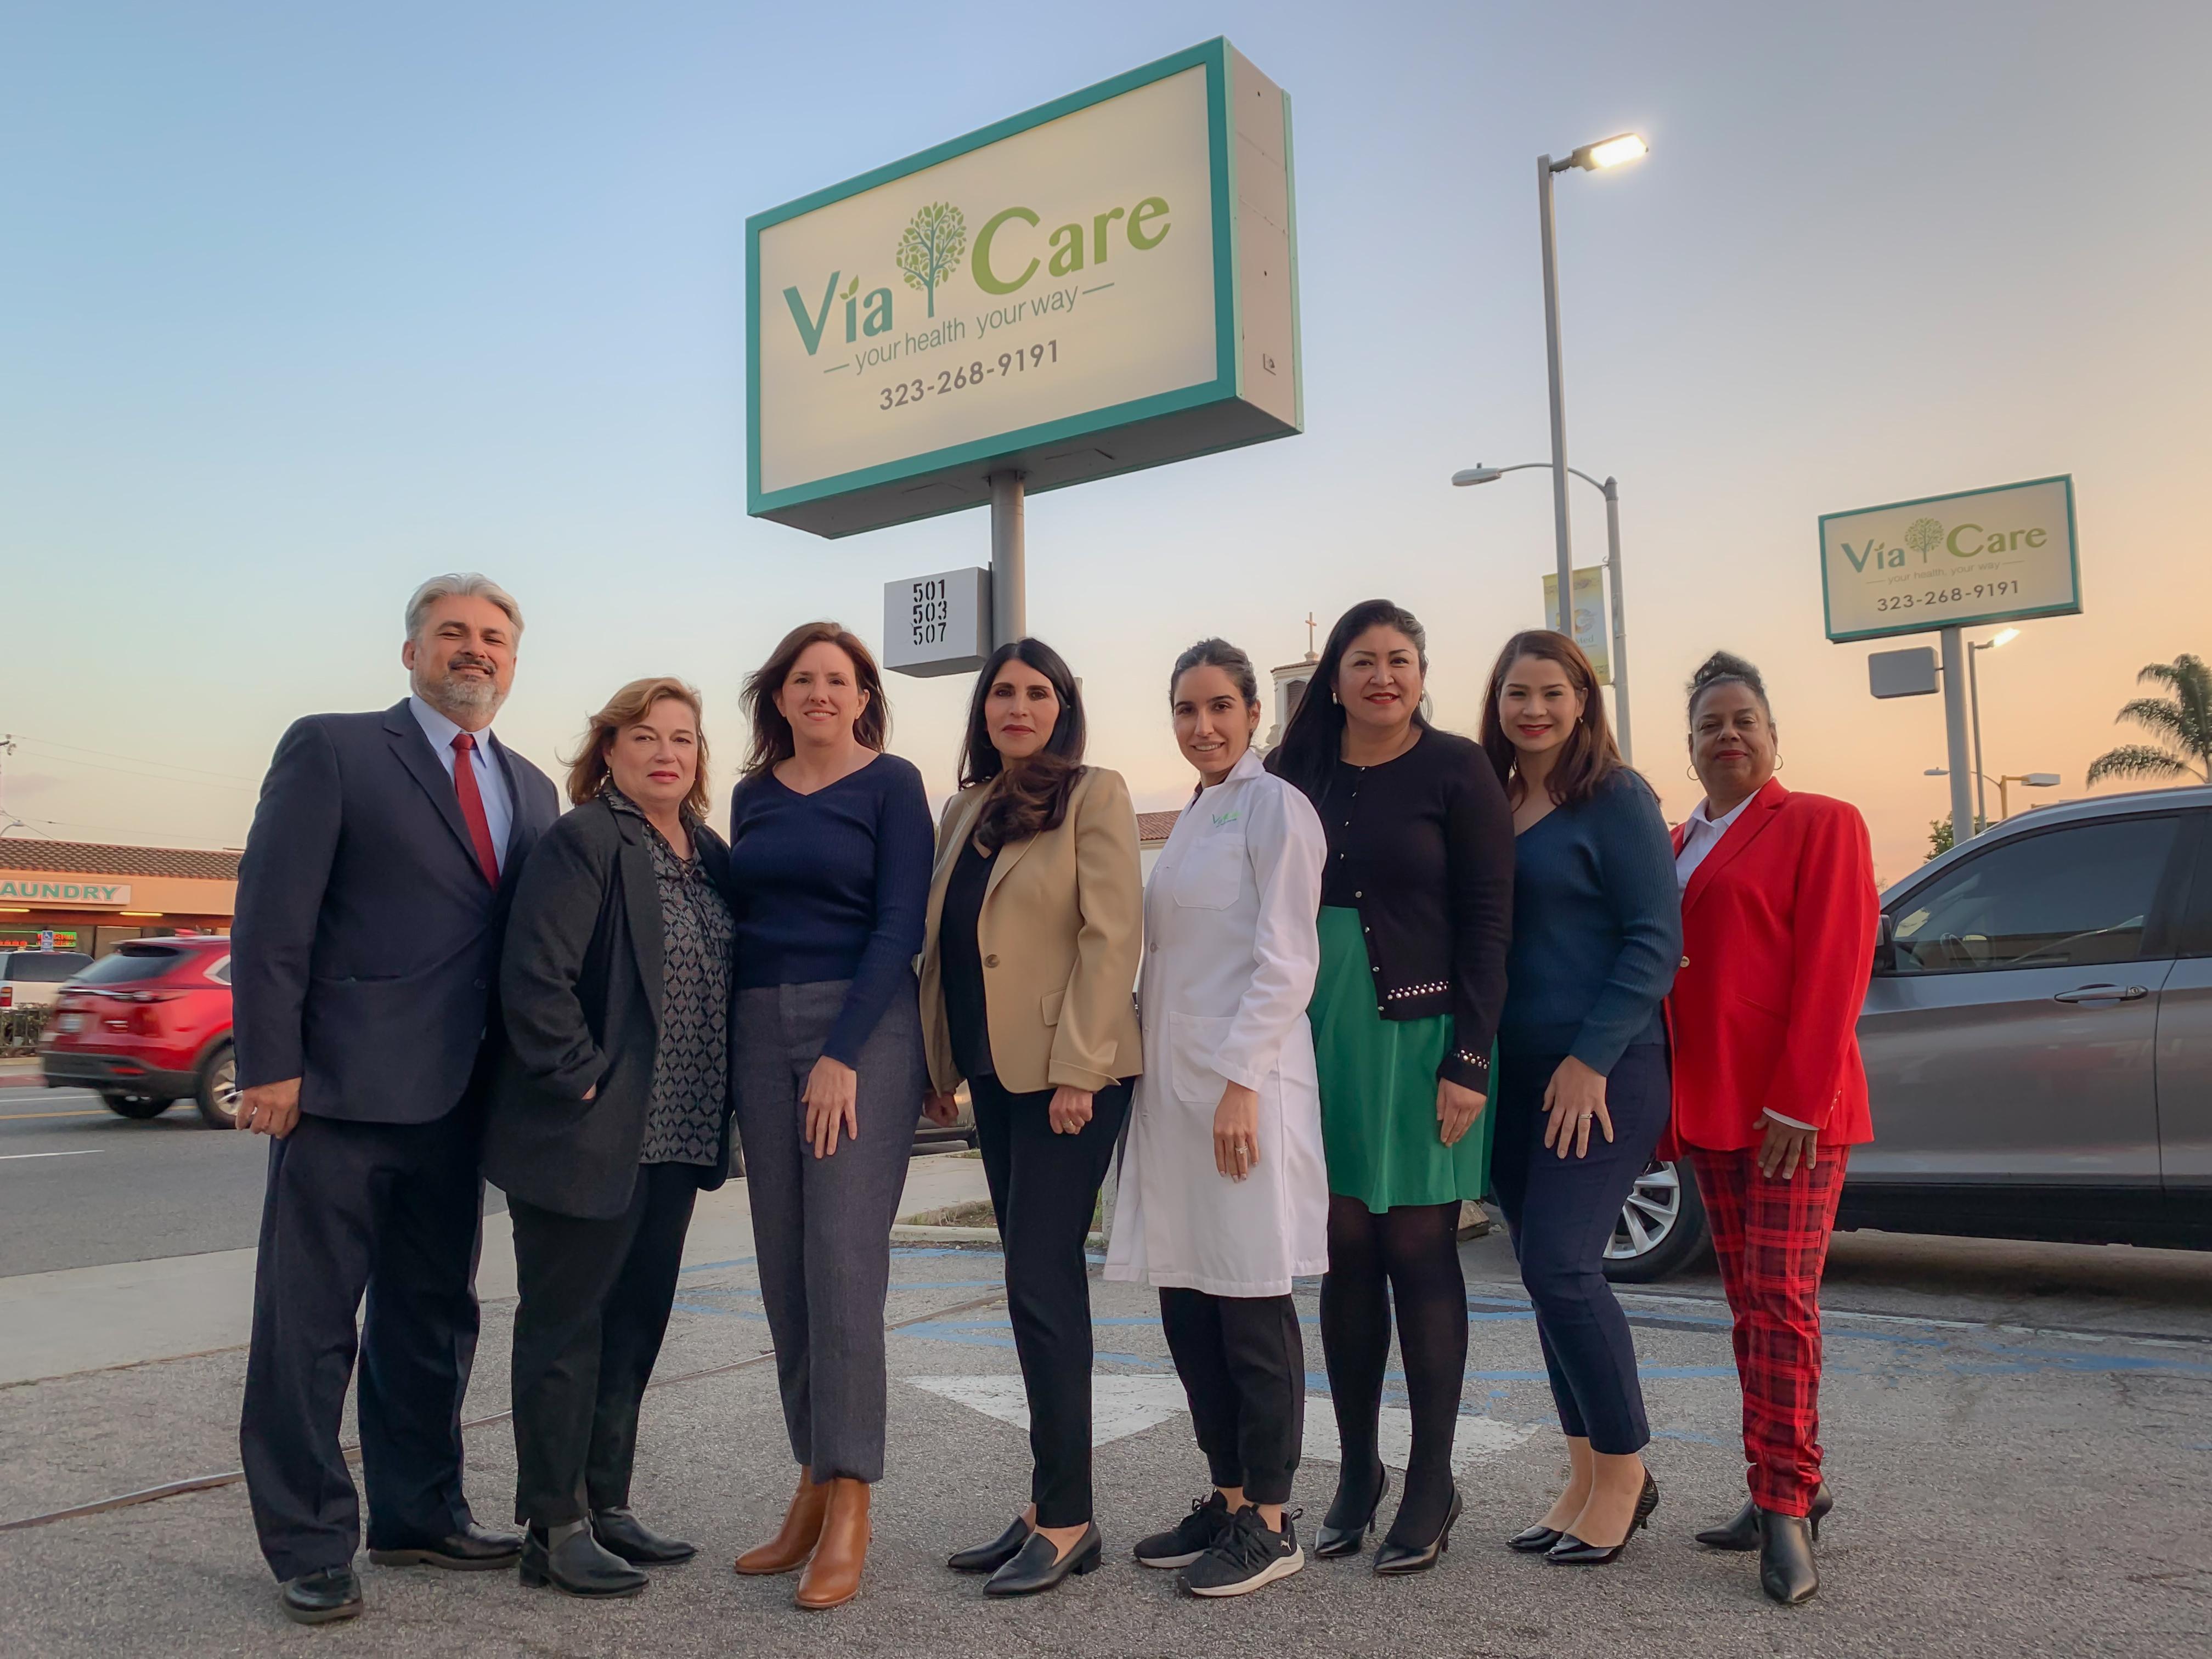 Via Care Leadership Team